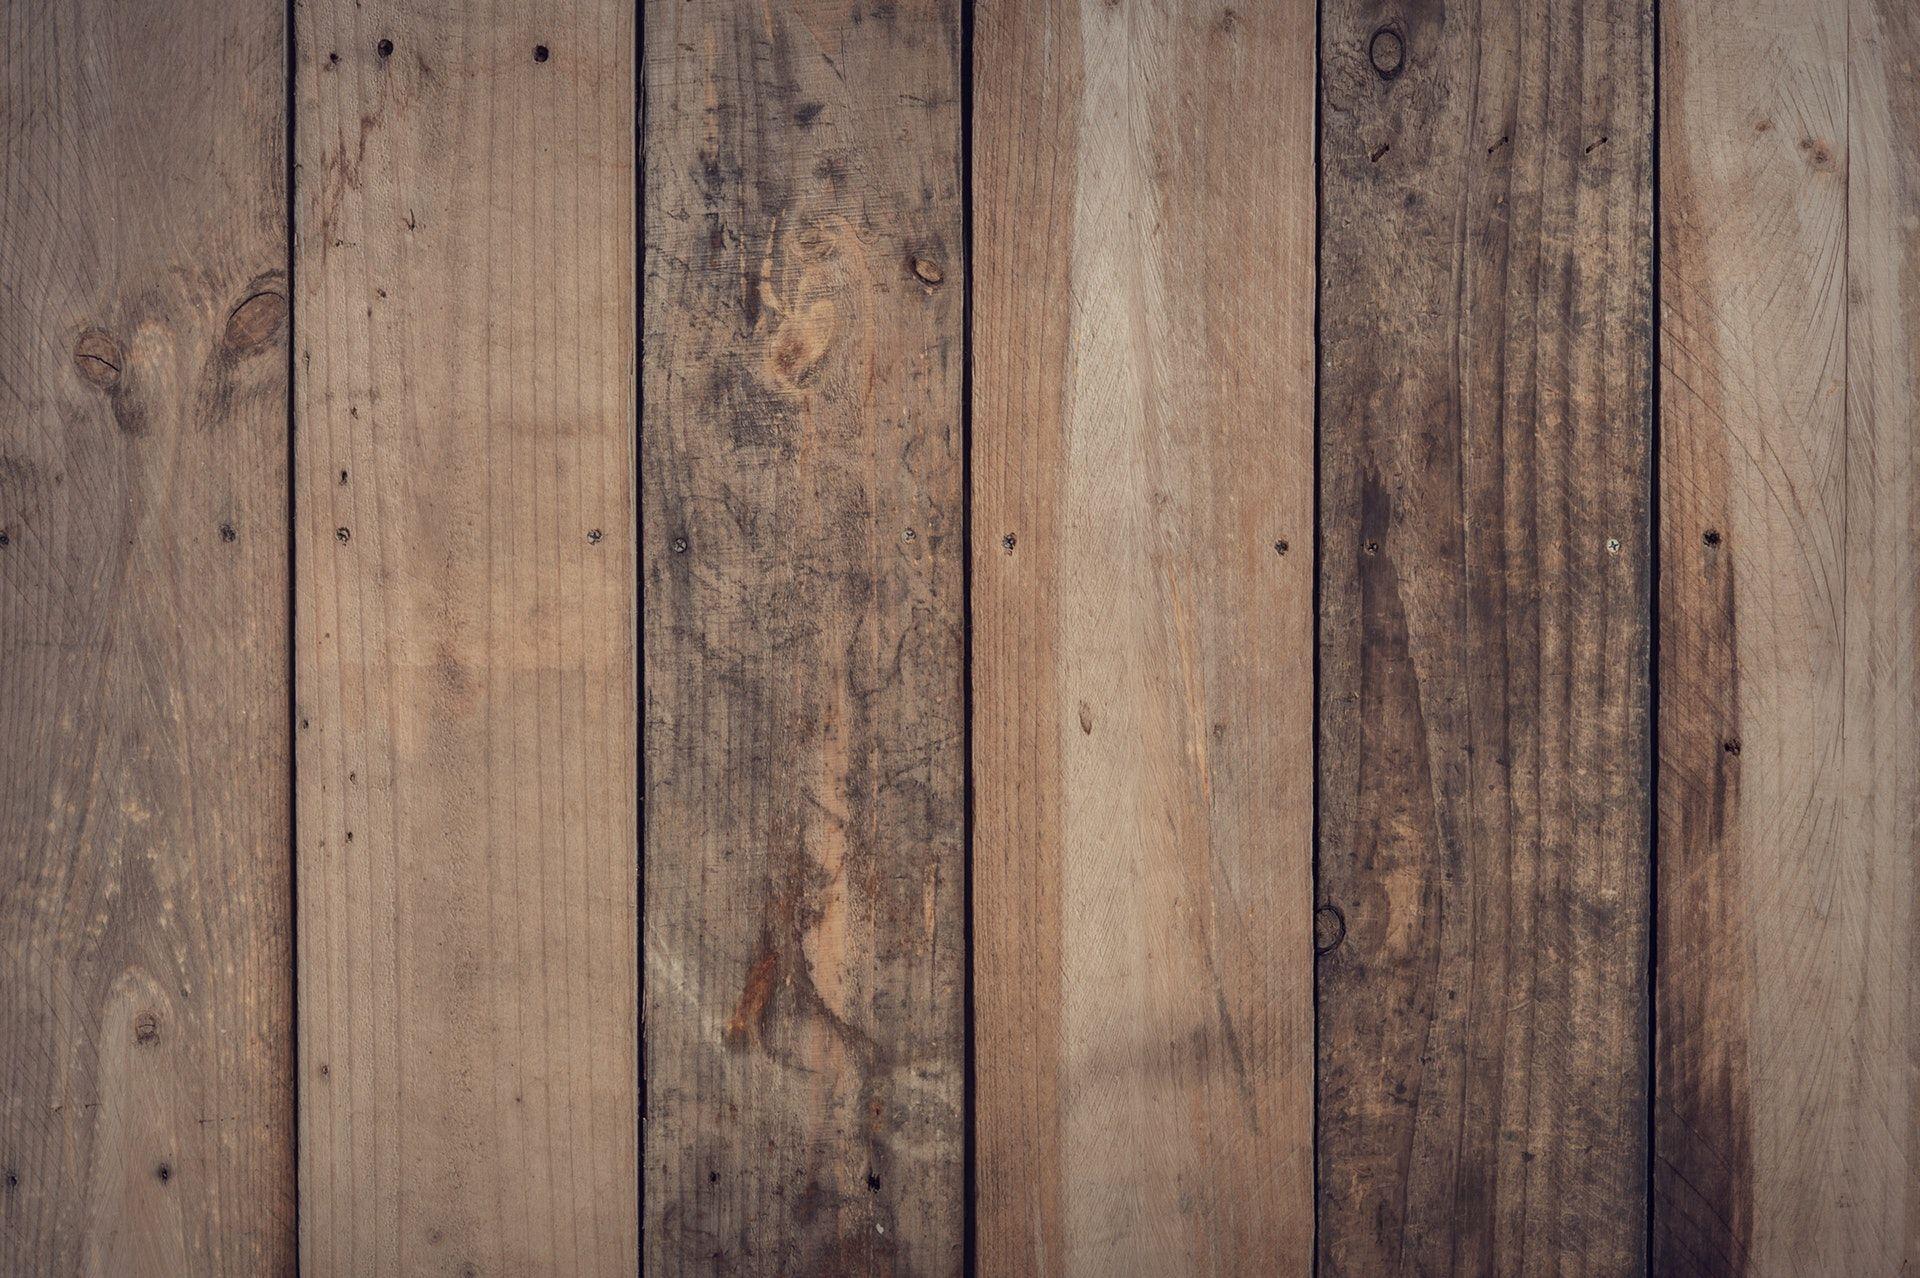 عکس زمینه تخته های چوبی قهوه ای پس زمینه